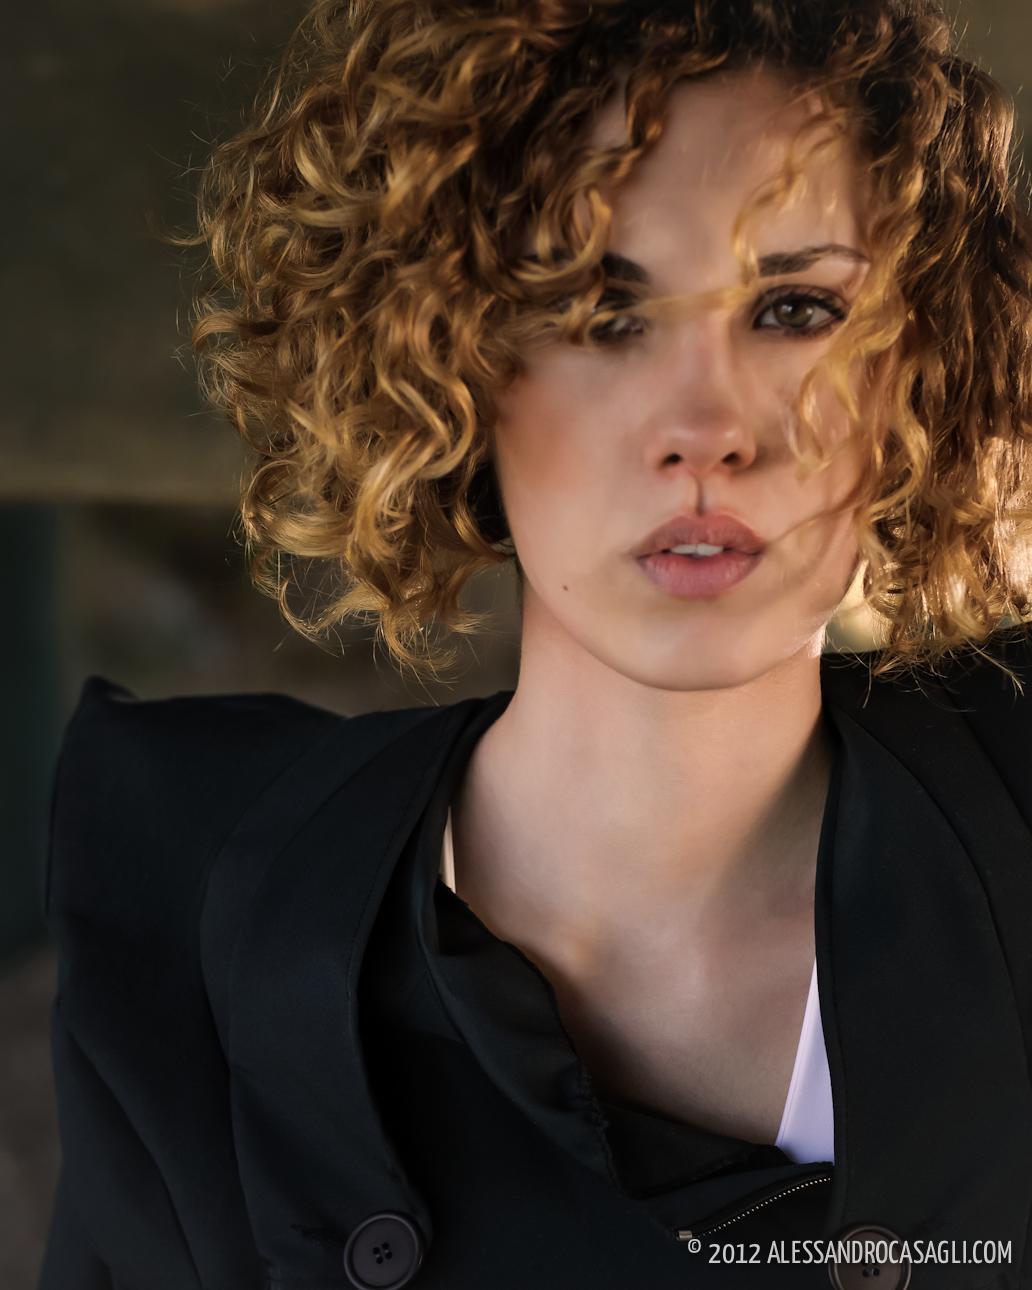 Photographer: Alessandro Casagli Model: Eleonora Serra Designer: Camilla Oretti